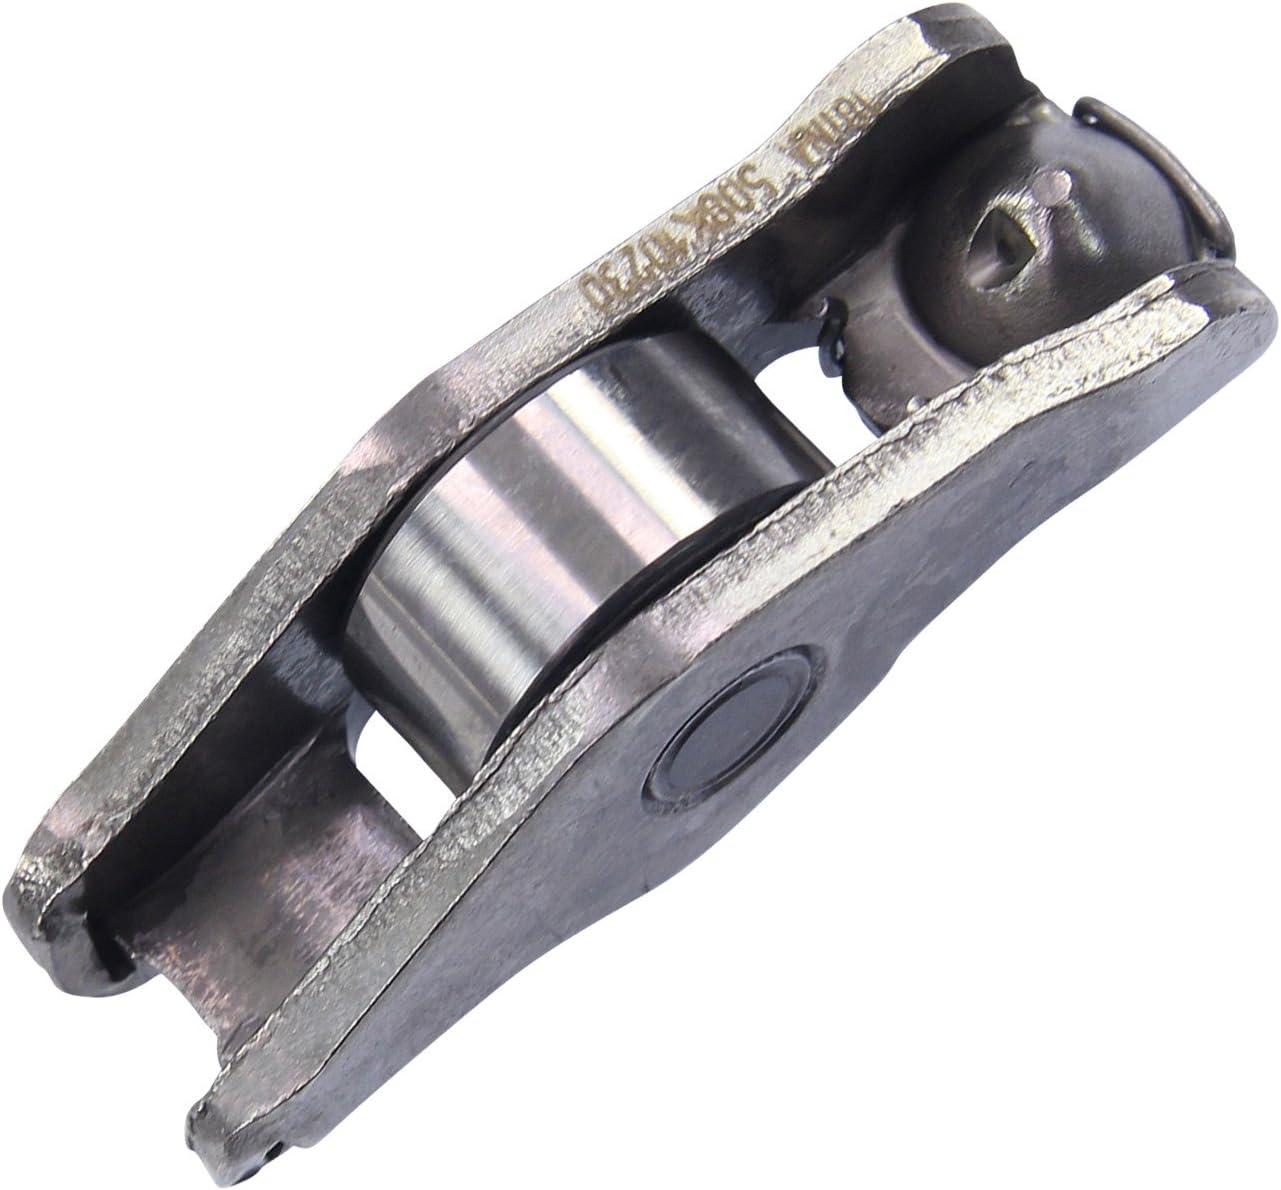 INA 422 0001 10 Schlepphebel Motorsteuerung